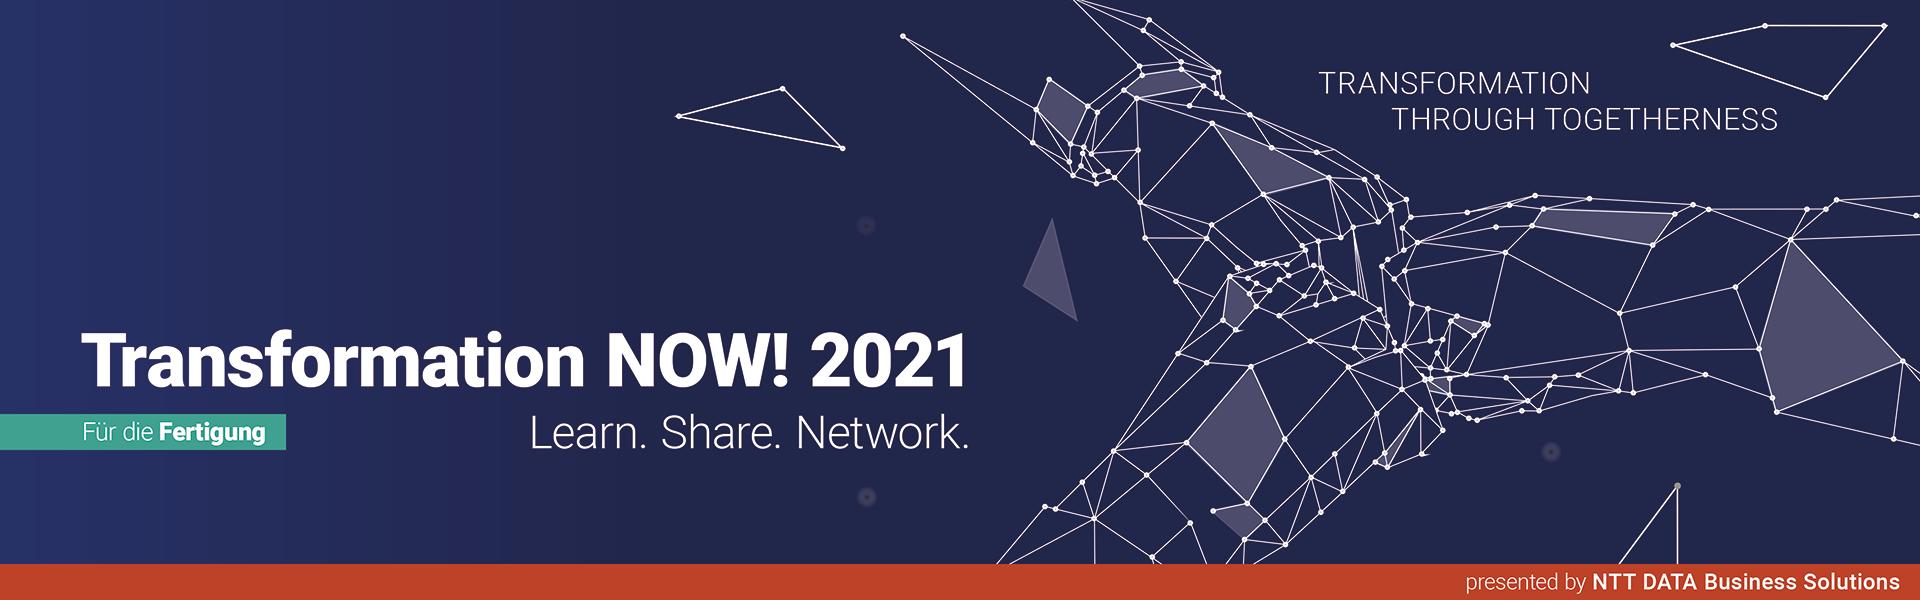 Transformation NOW! 2021 für die Fertigung